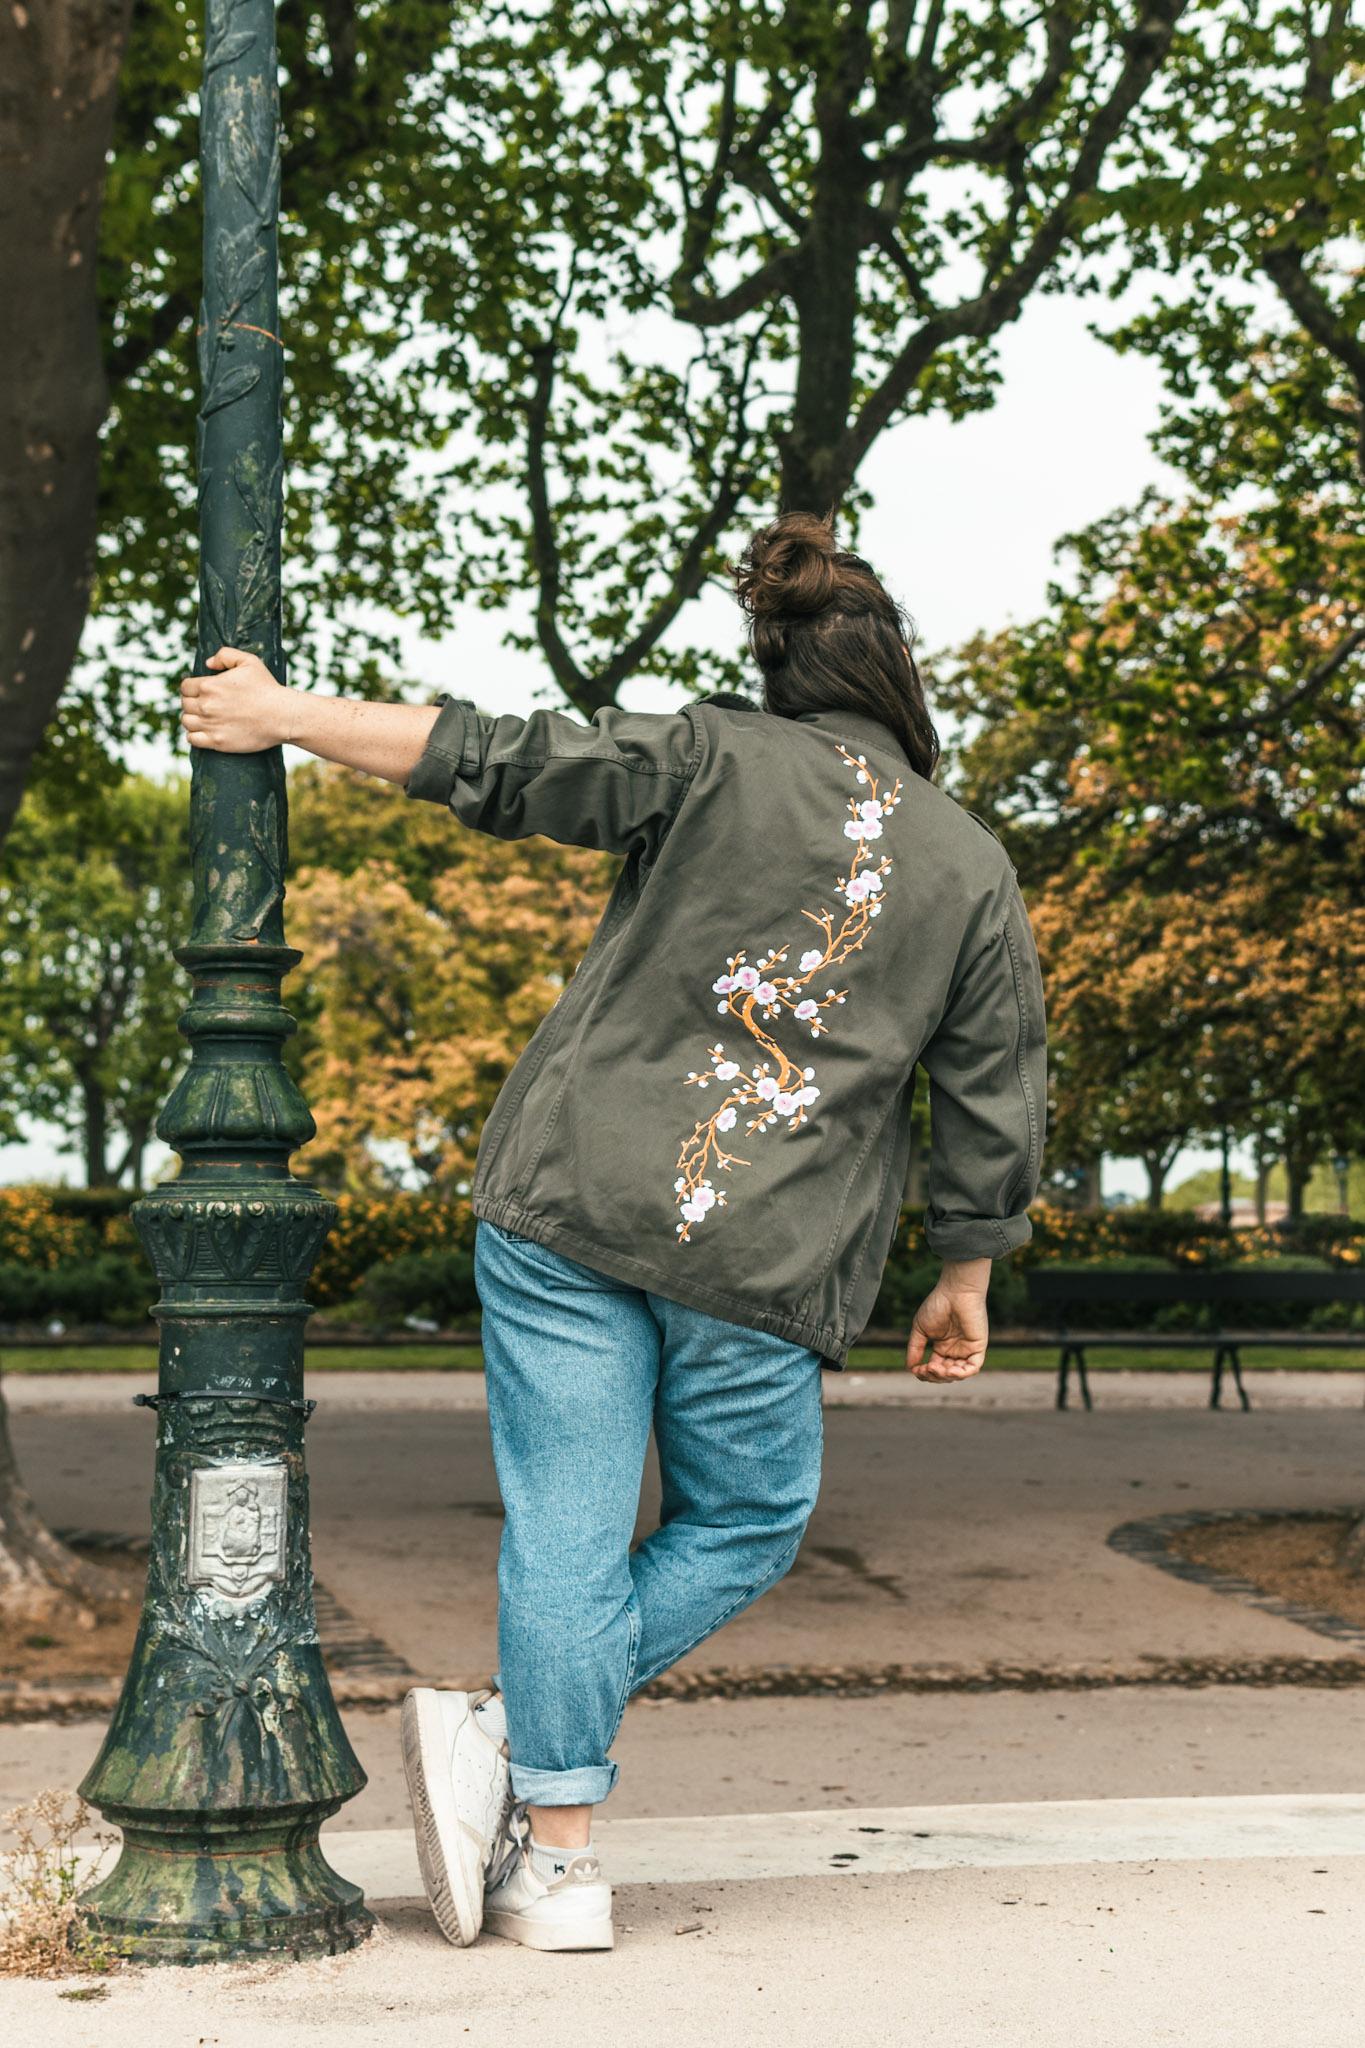 Veste militaire #4 de seconde customisée par la friperie Absolute Vintage à Montpellier